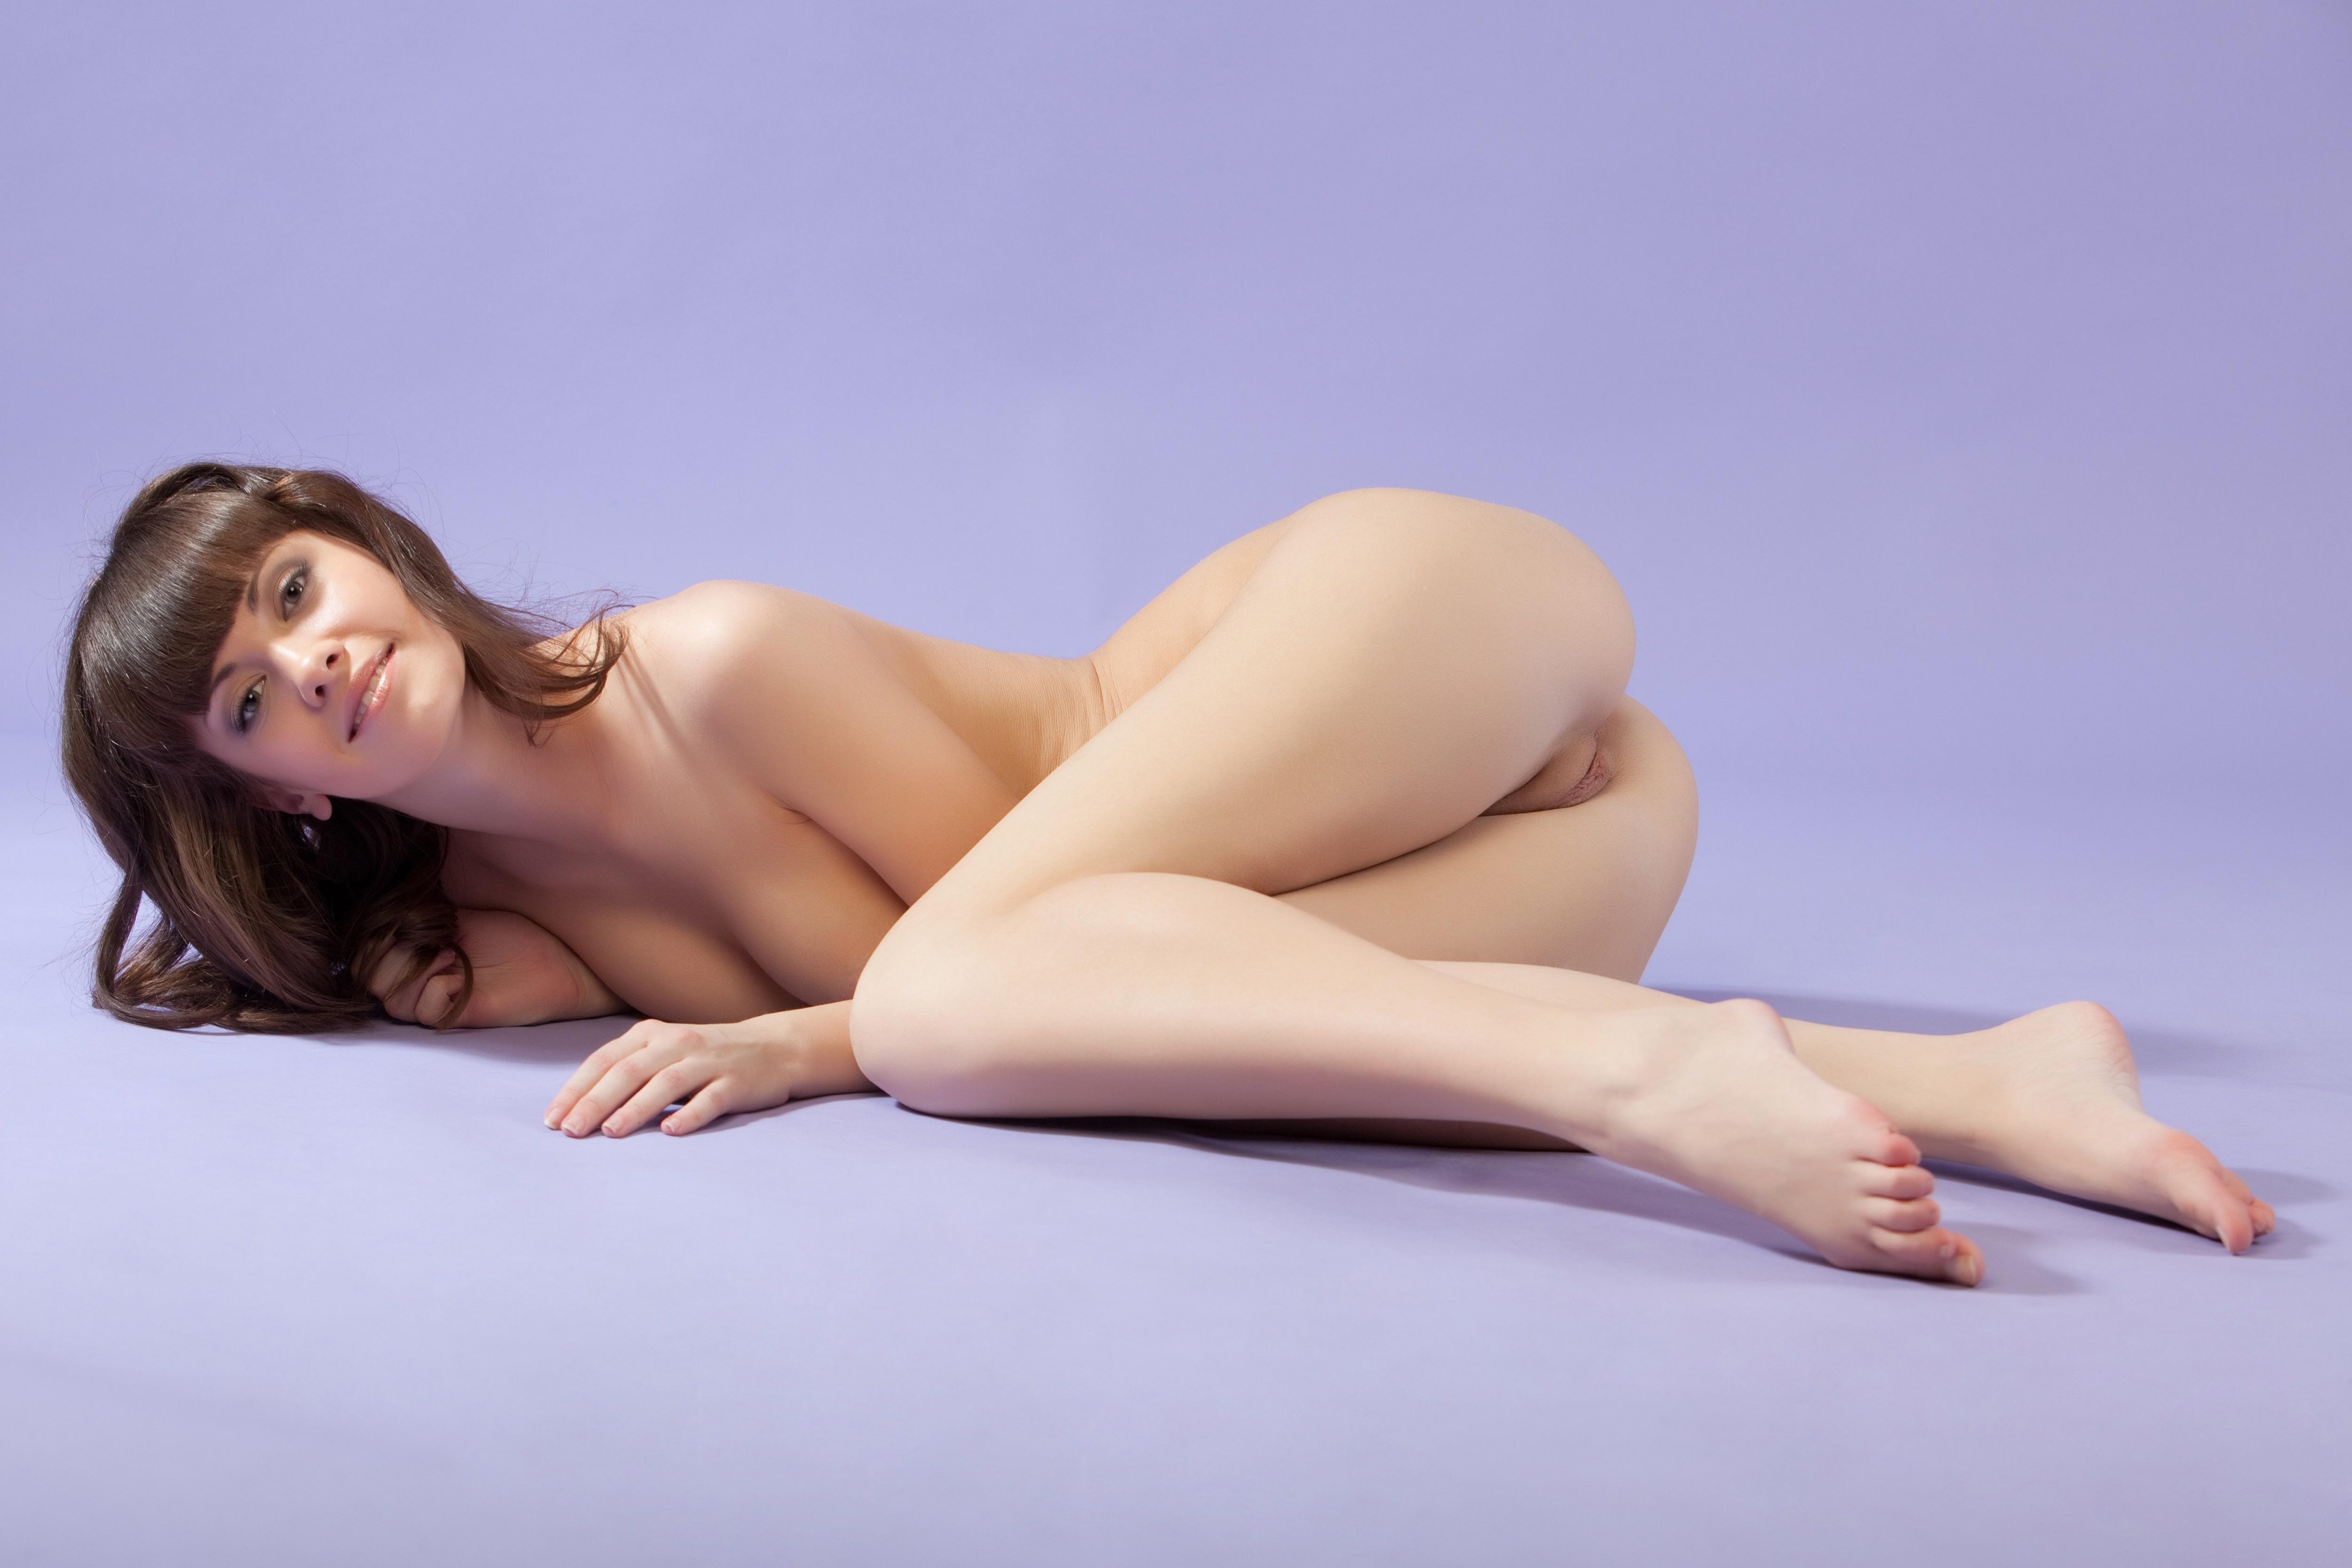 Free naked wallpaper erotic vids